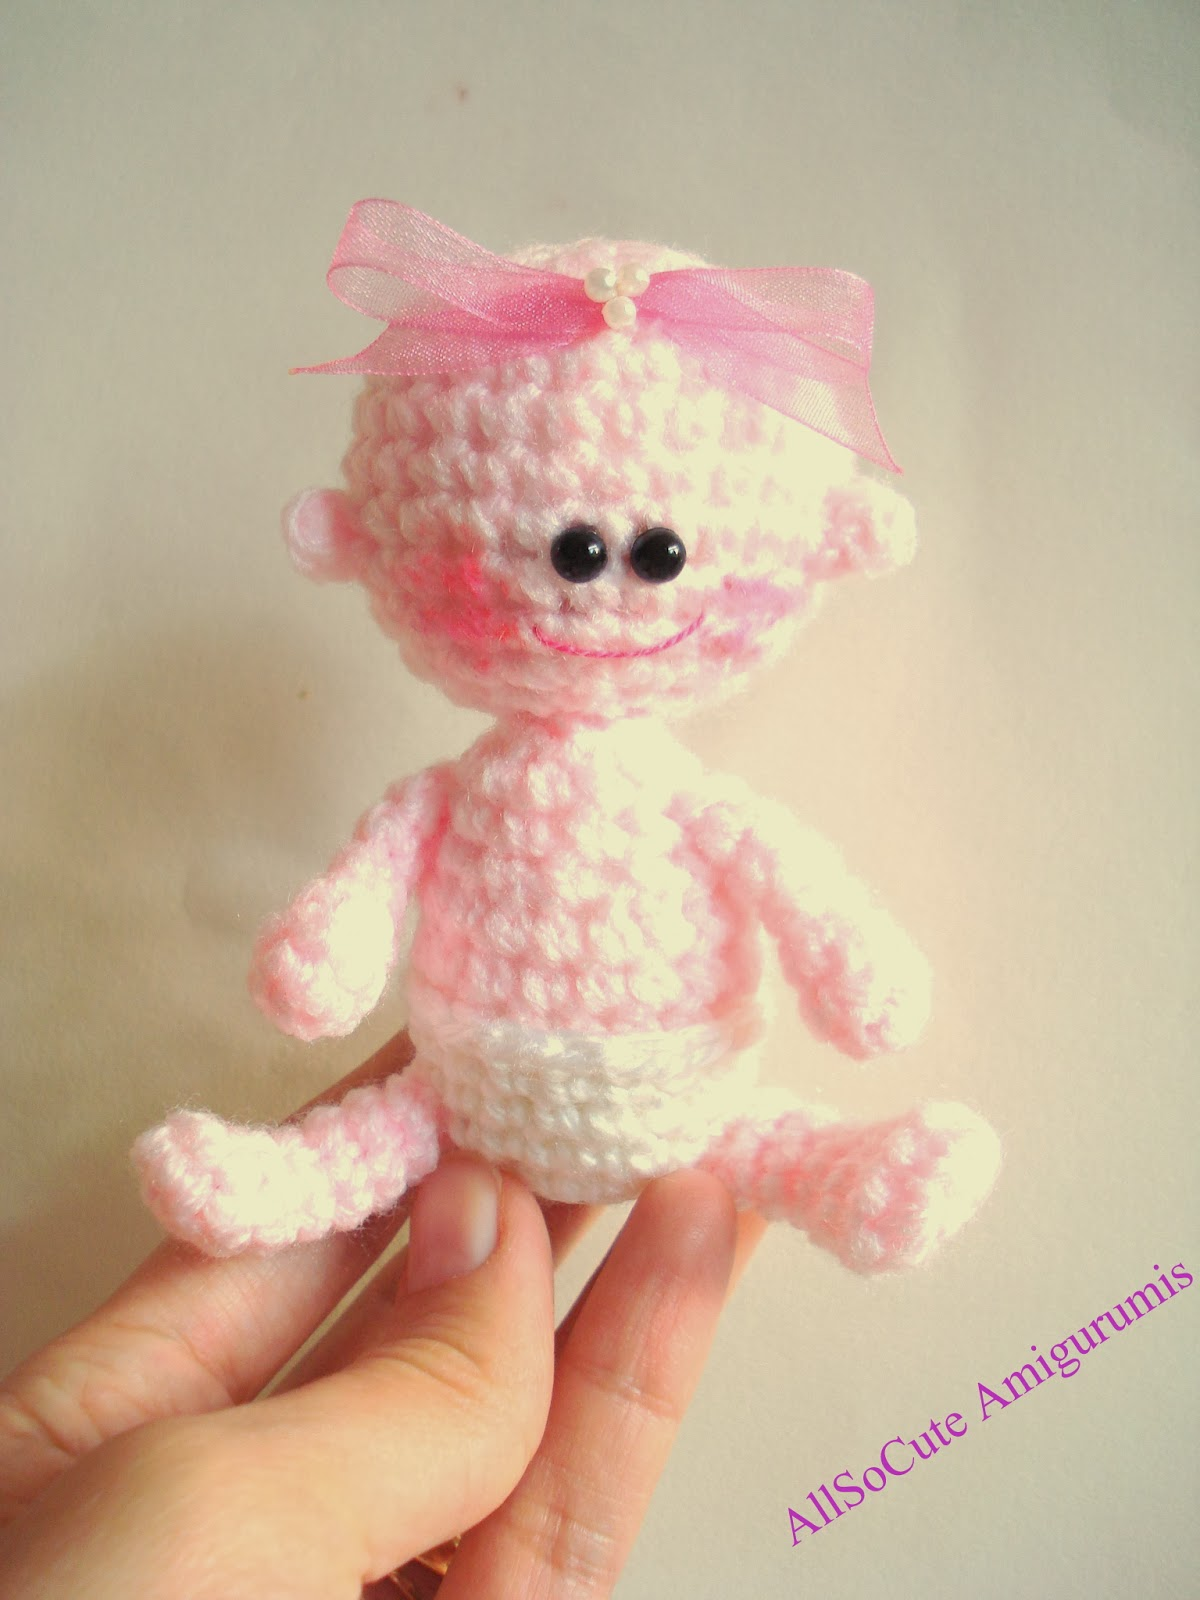 Amigurumi Crochet Patterns Baby : AllSoCute Amigurumis: Amigurumi Baby, Crochet Baby